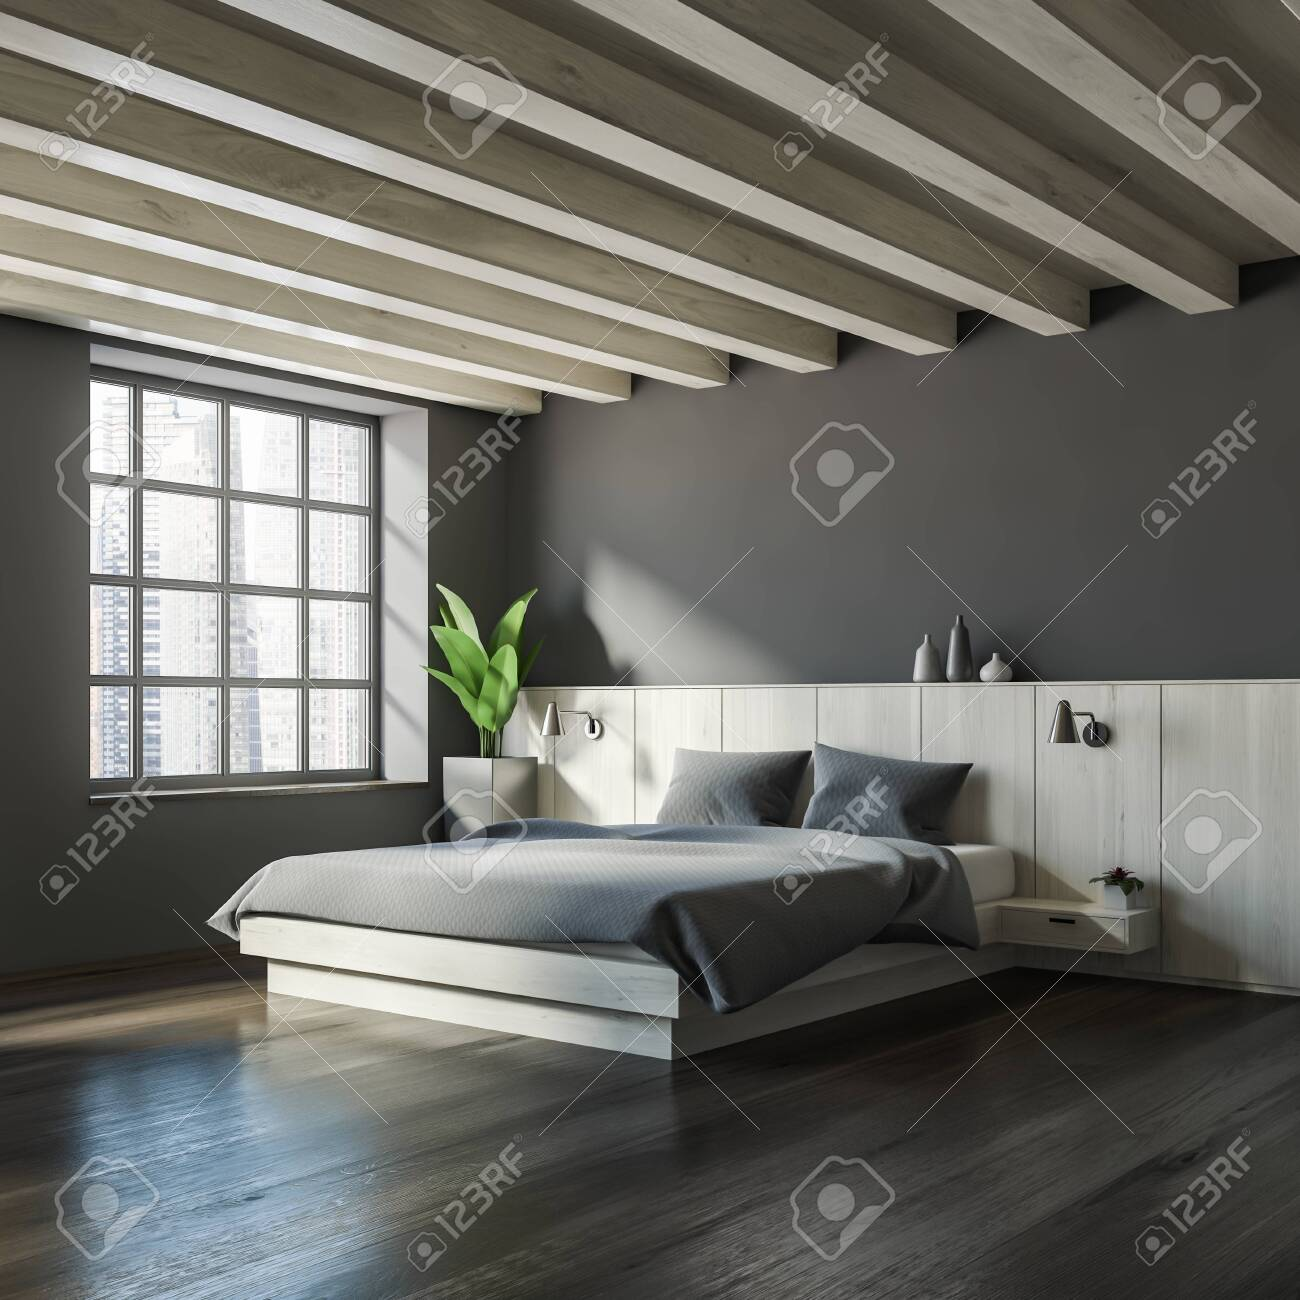 Corner of master bedroom with gray walls, dark wooden floor,..